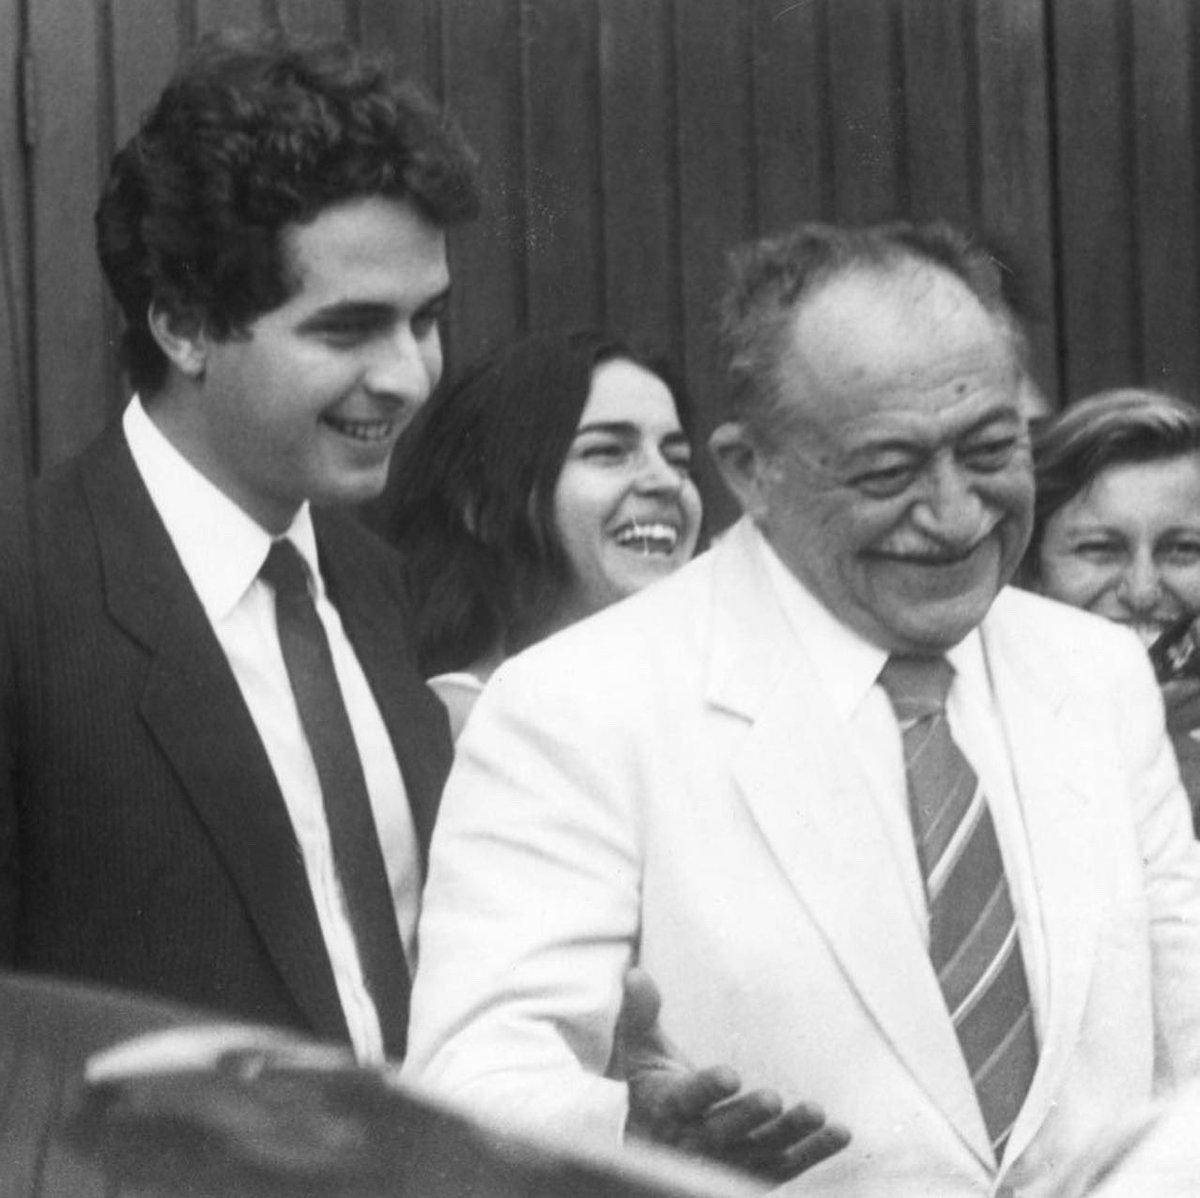 Hoje é um dia de saudade. Há 15 anos perdemos Miguel Arraes e há seis anos Eduardo Campos. Mas que sorte a nossa que pudemos conviver com os dois e viver a forma intensa como atuavam em defesa do povo pernambucano.  A gratidão é eterna!  Obrigado, Arraes! Obrigado, Eduardo! https://t.co/lM8nYTDtRA